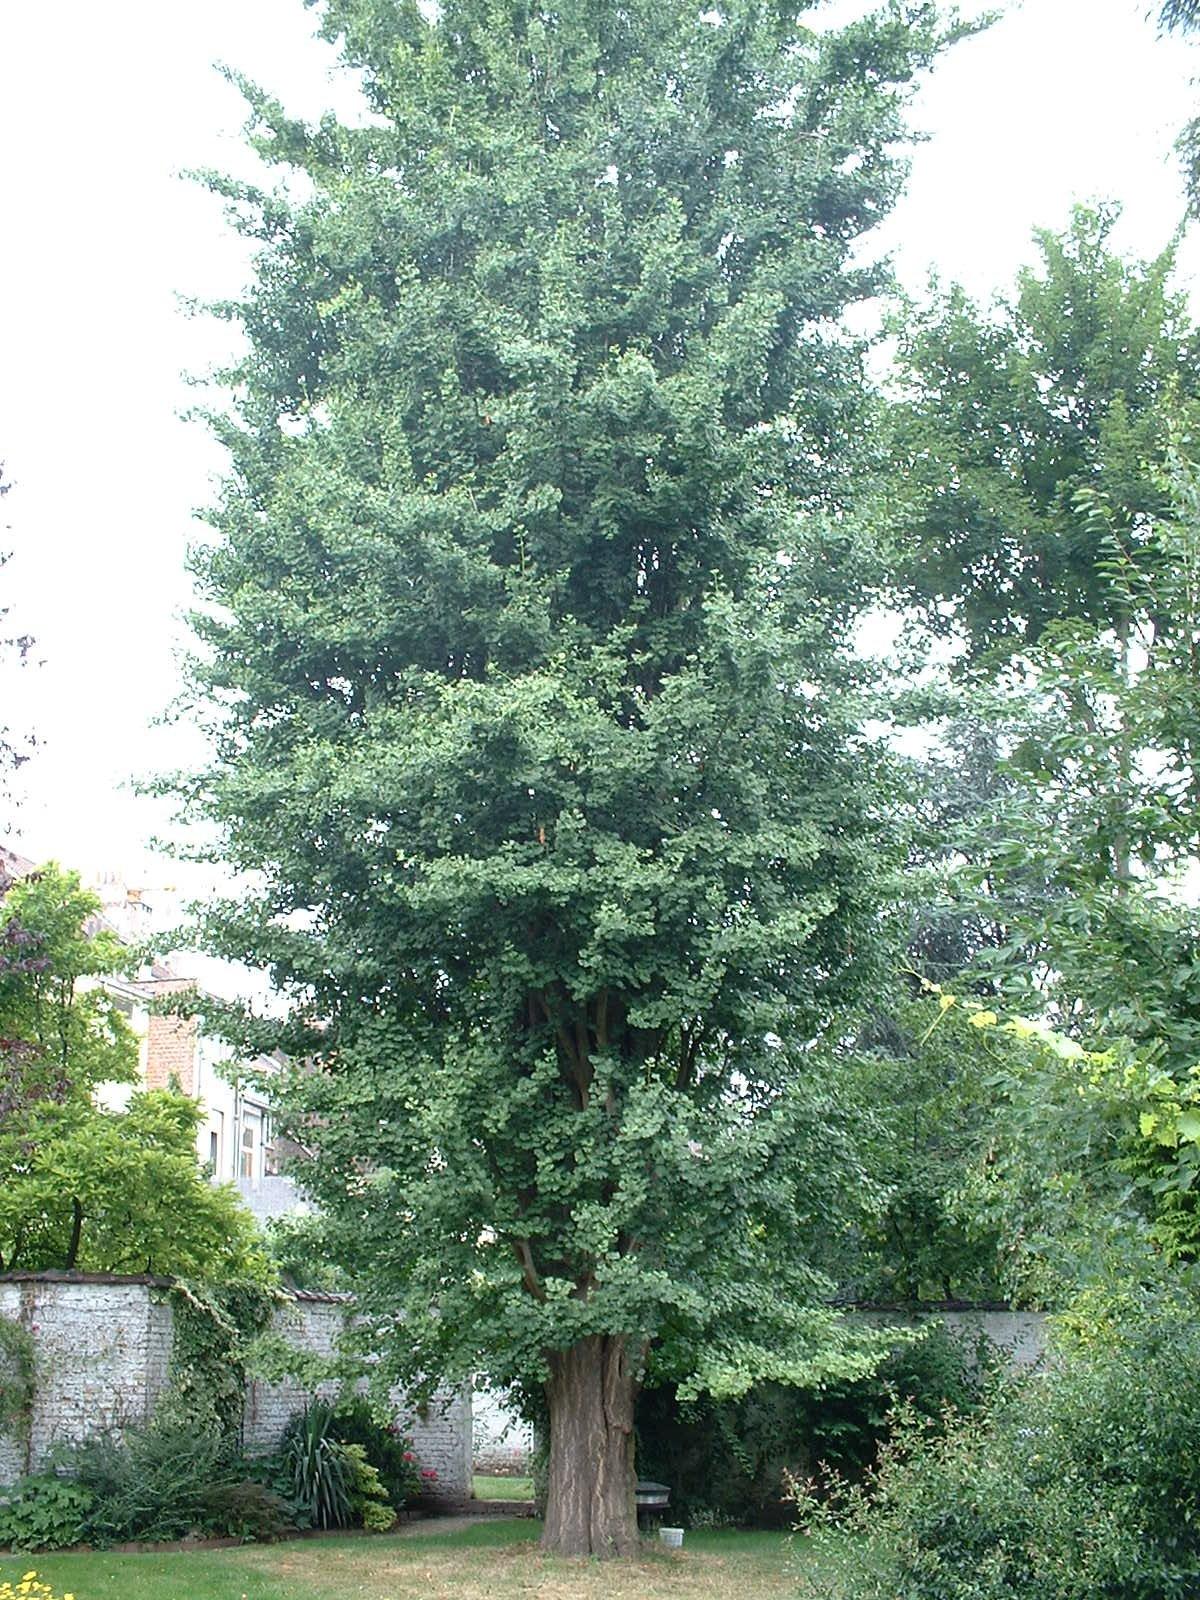 Arbre aux quarante écus – Ixelles, Avenue de la Couronne, 262 –  09 Juillet 2003